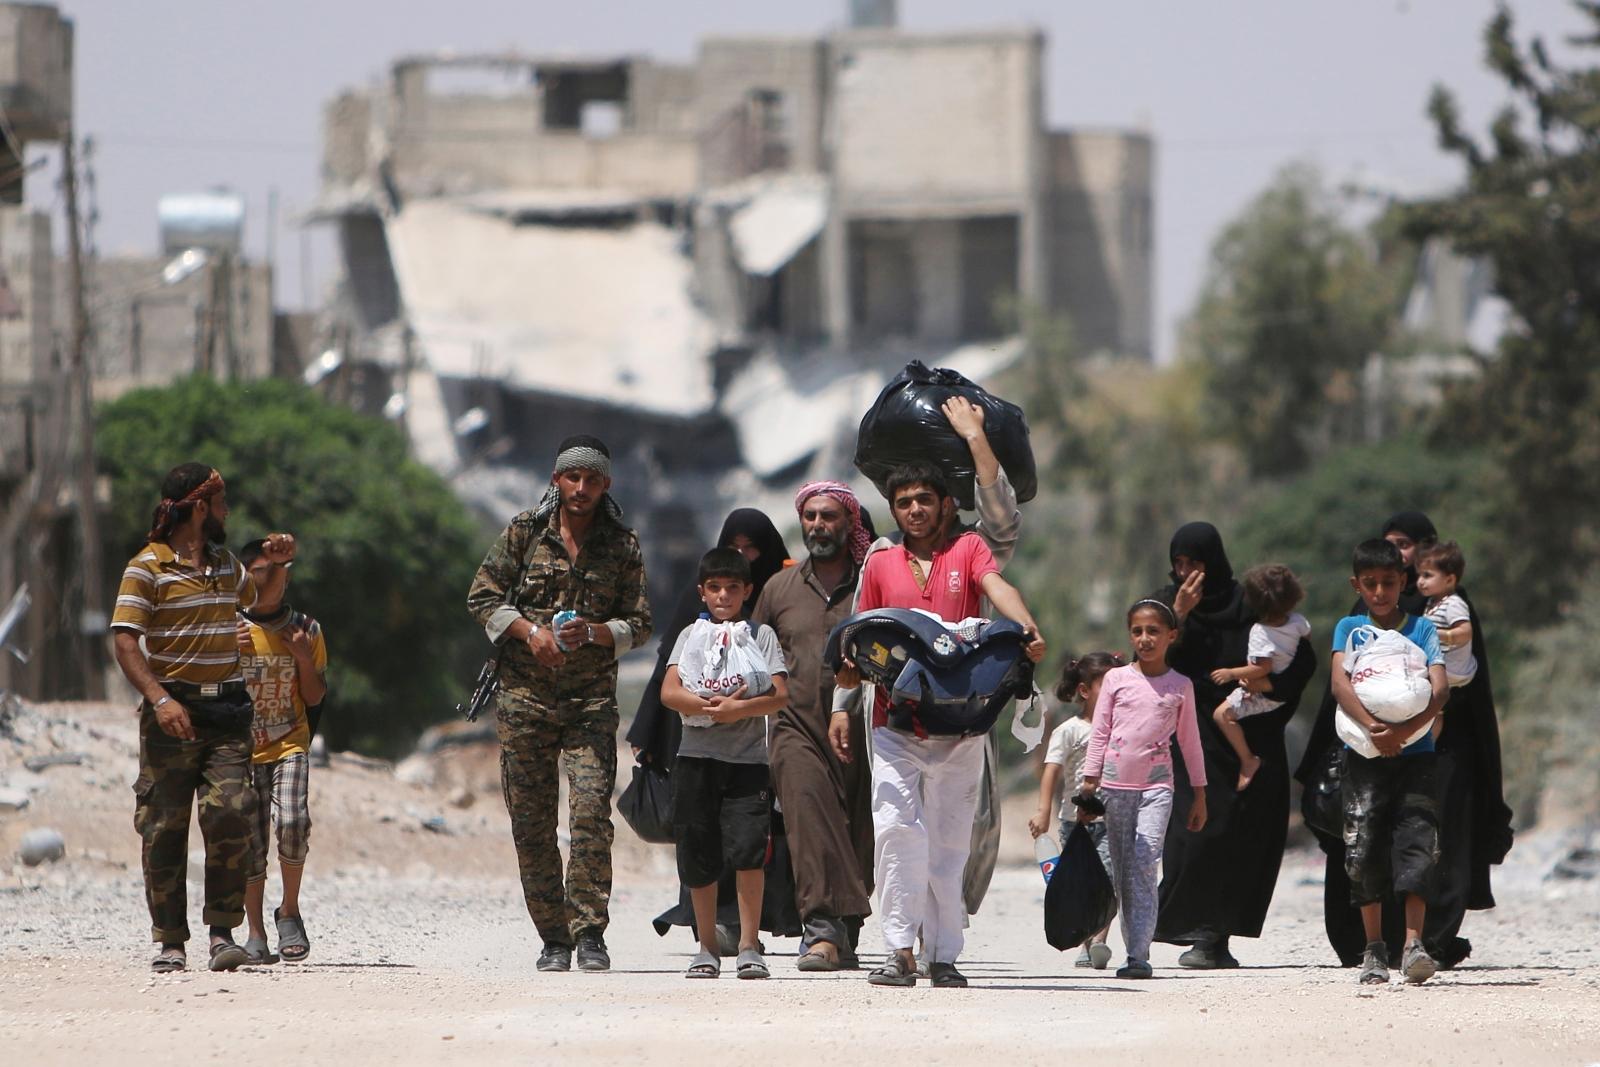 Syria civil war Aleppo